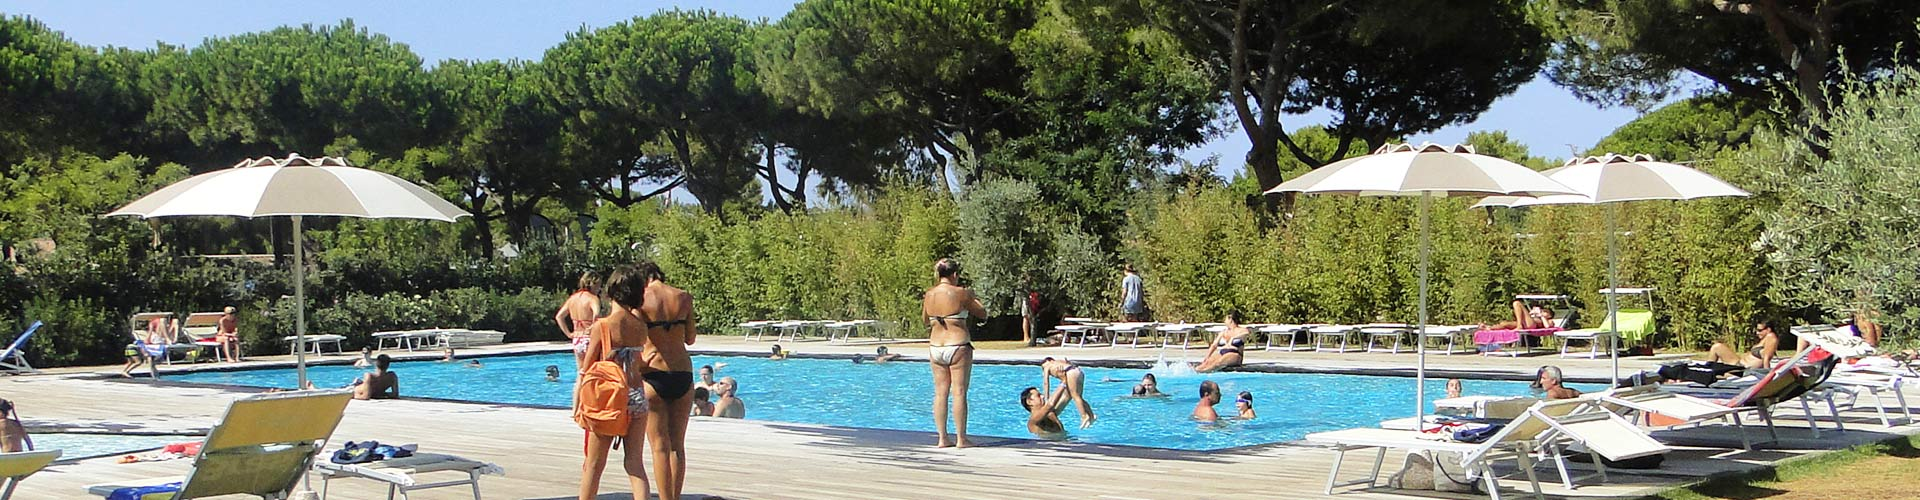 Camping sardaigne bord de mer avec piscine for Camping cirque de gavarnie avec piscine